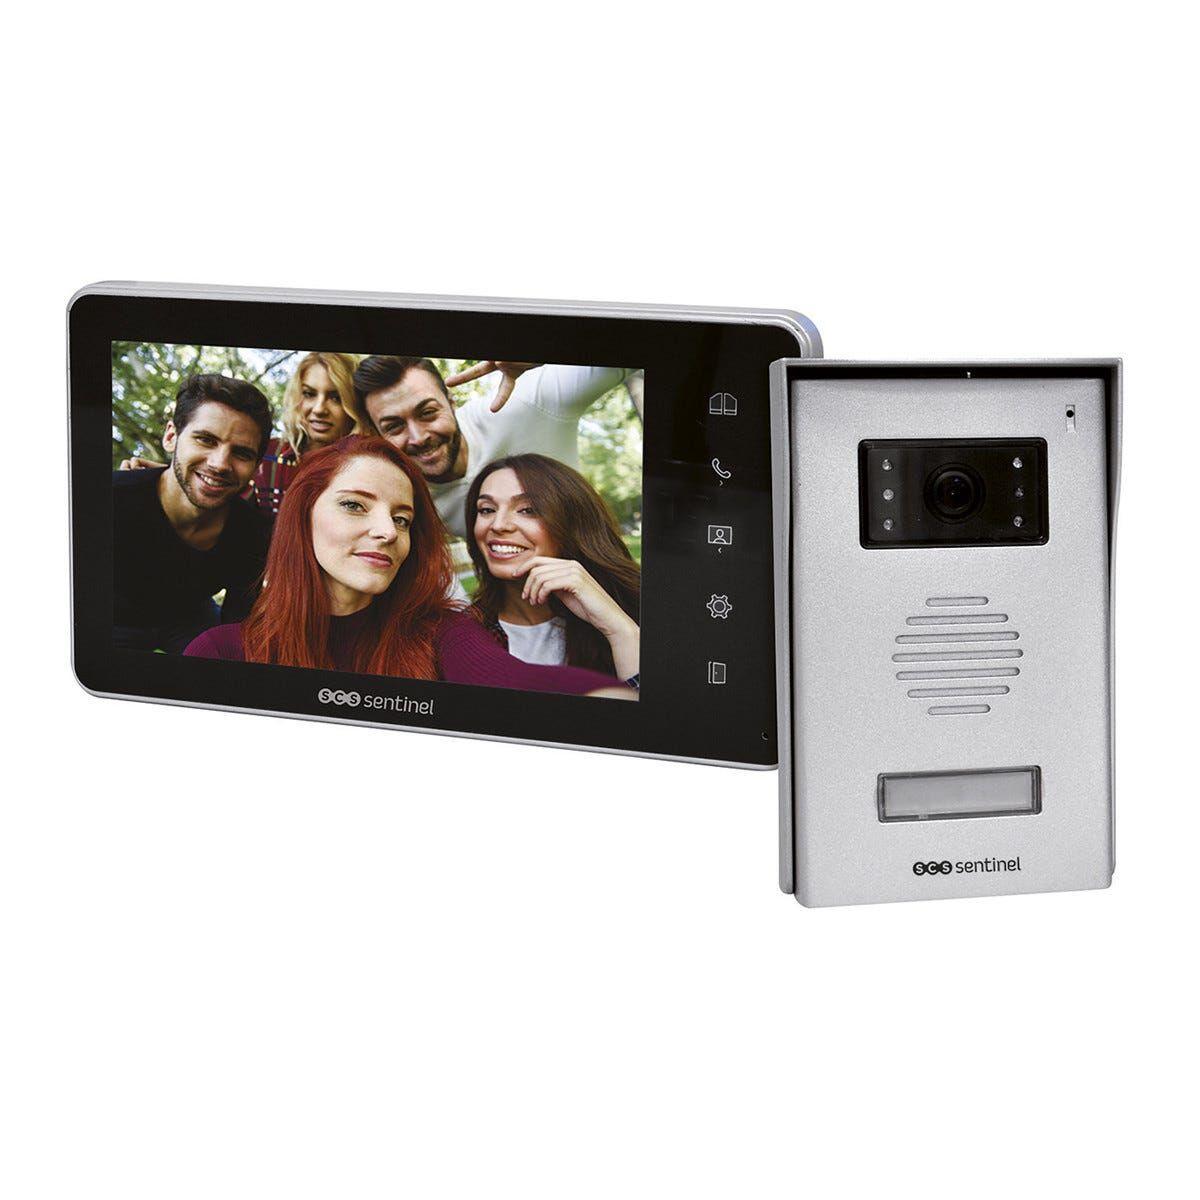 SCS_SENTINEL Kit Videocitofonico Monofamiliare Scs Modello Visiokit 7 Con Monitor 7'' A Colori 2 Fili